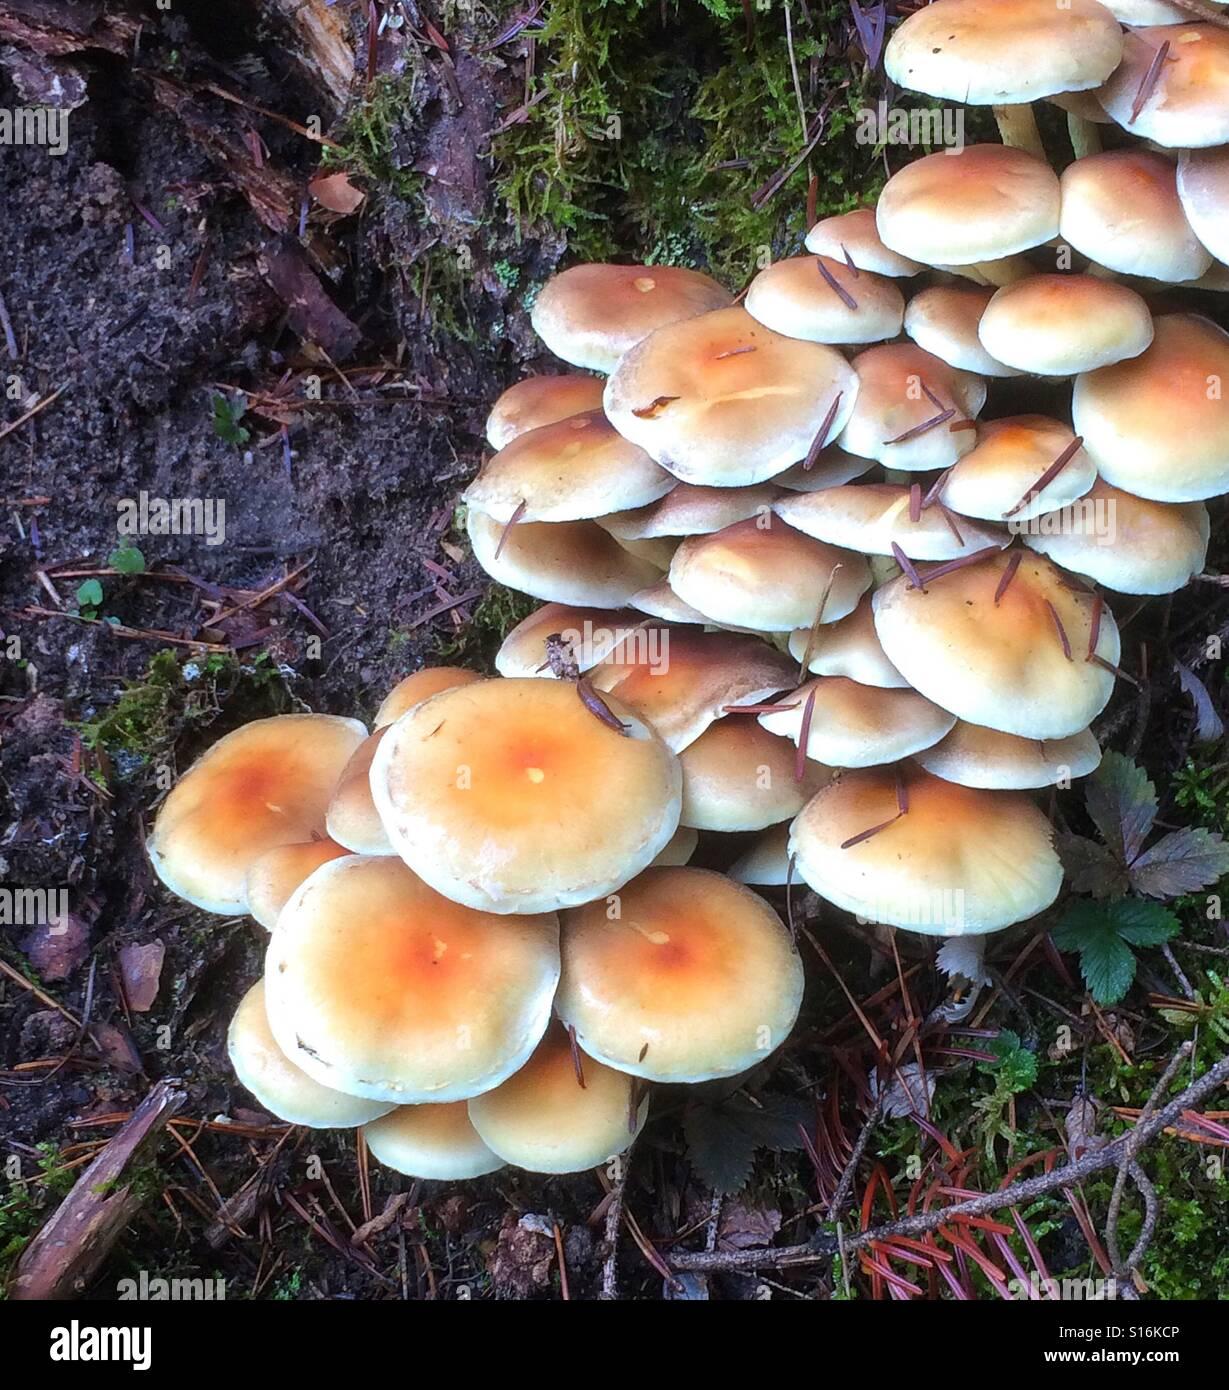 Stockpile, eatable mushroom - Stock Image